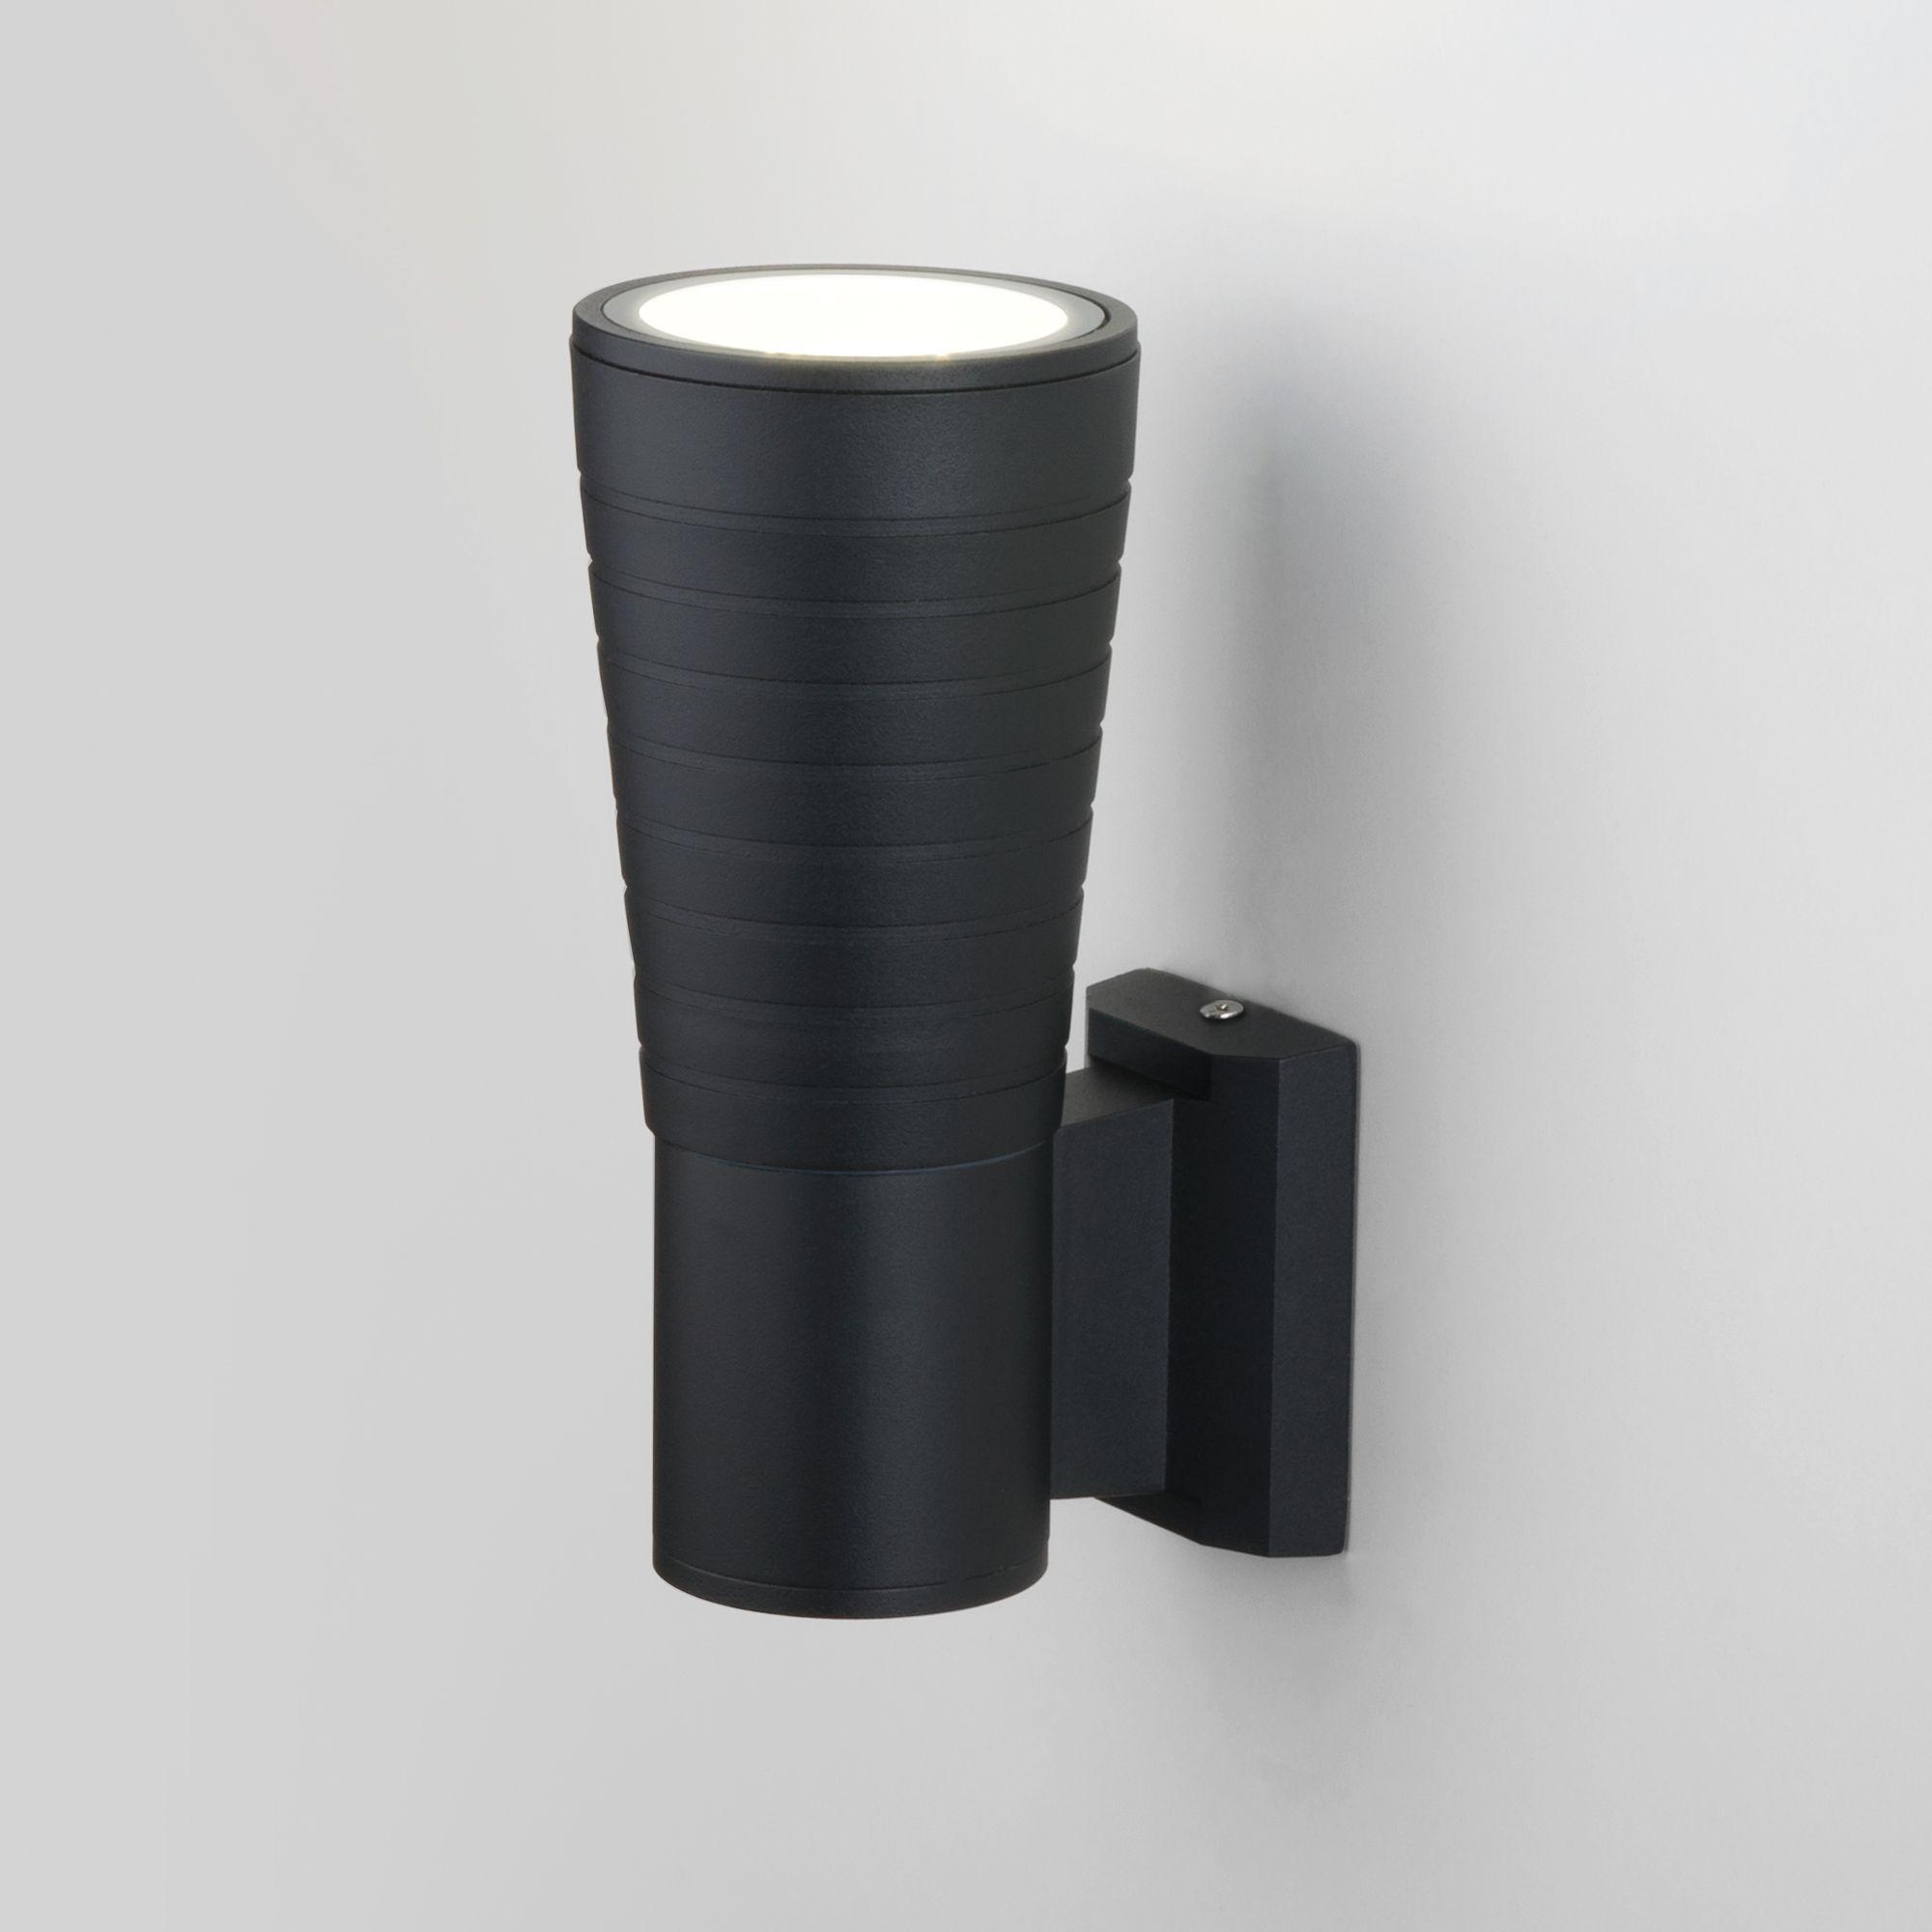 Настенный  уличный  светодиодный светильник TUBE UNO черный 1503 TECHNO LED черный